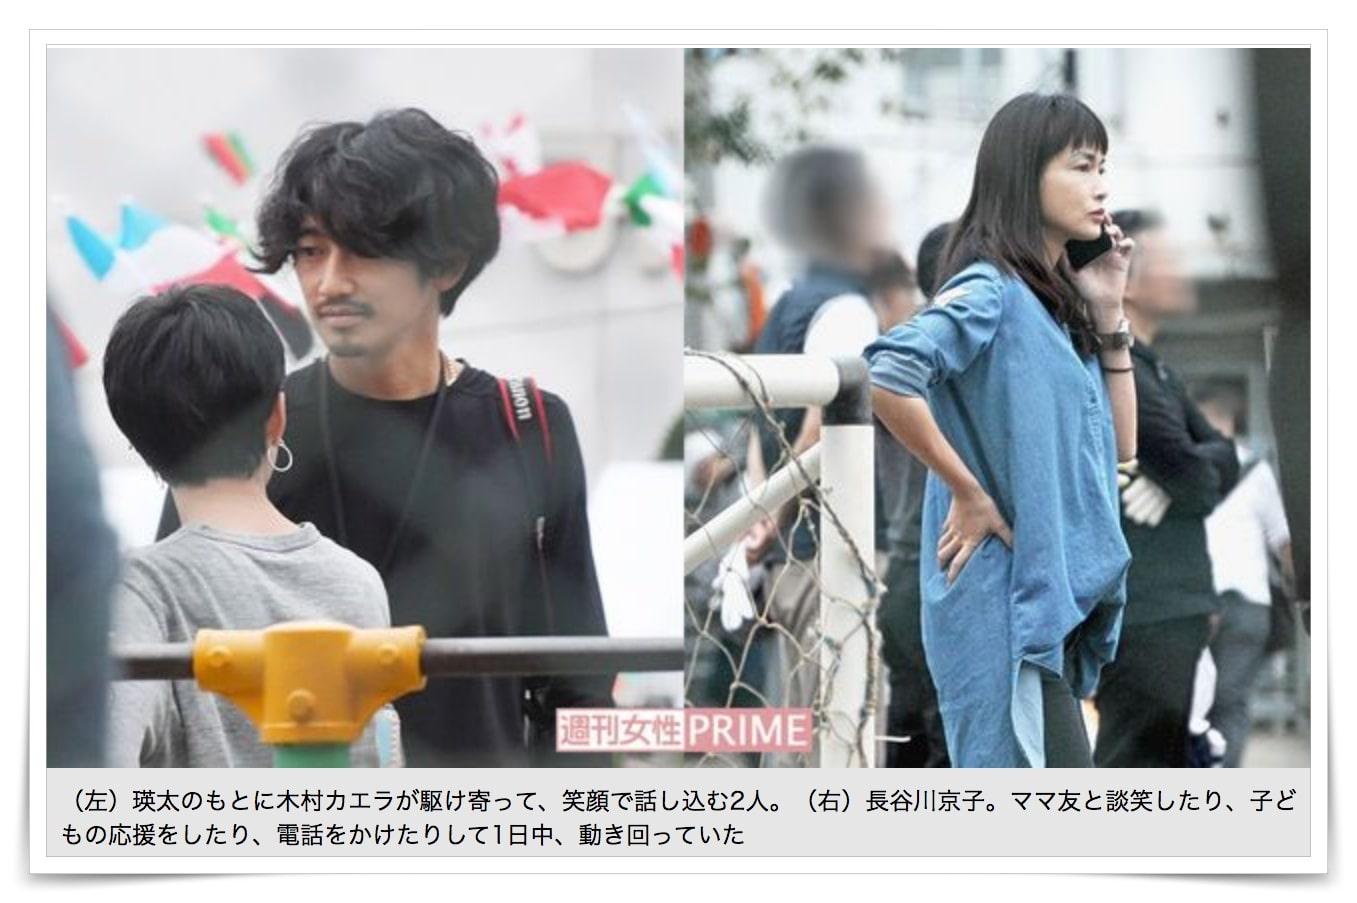 長谷川京子の子供の運動会画像